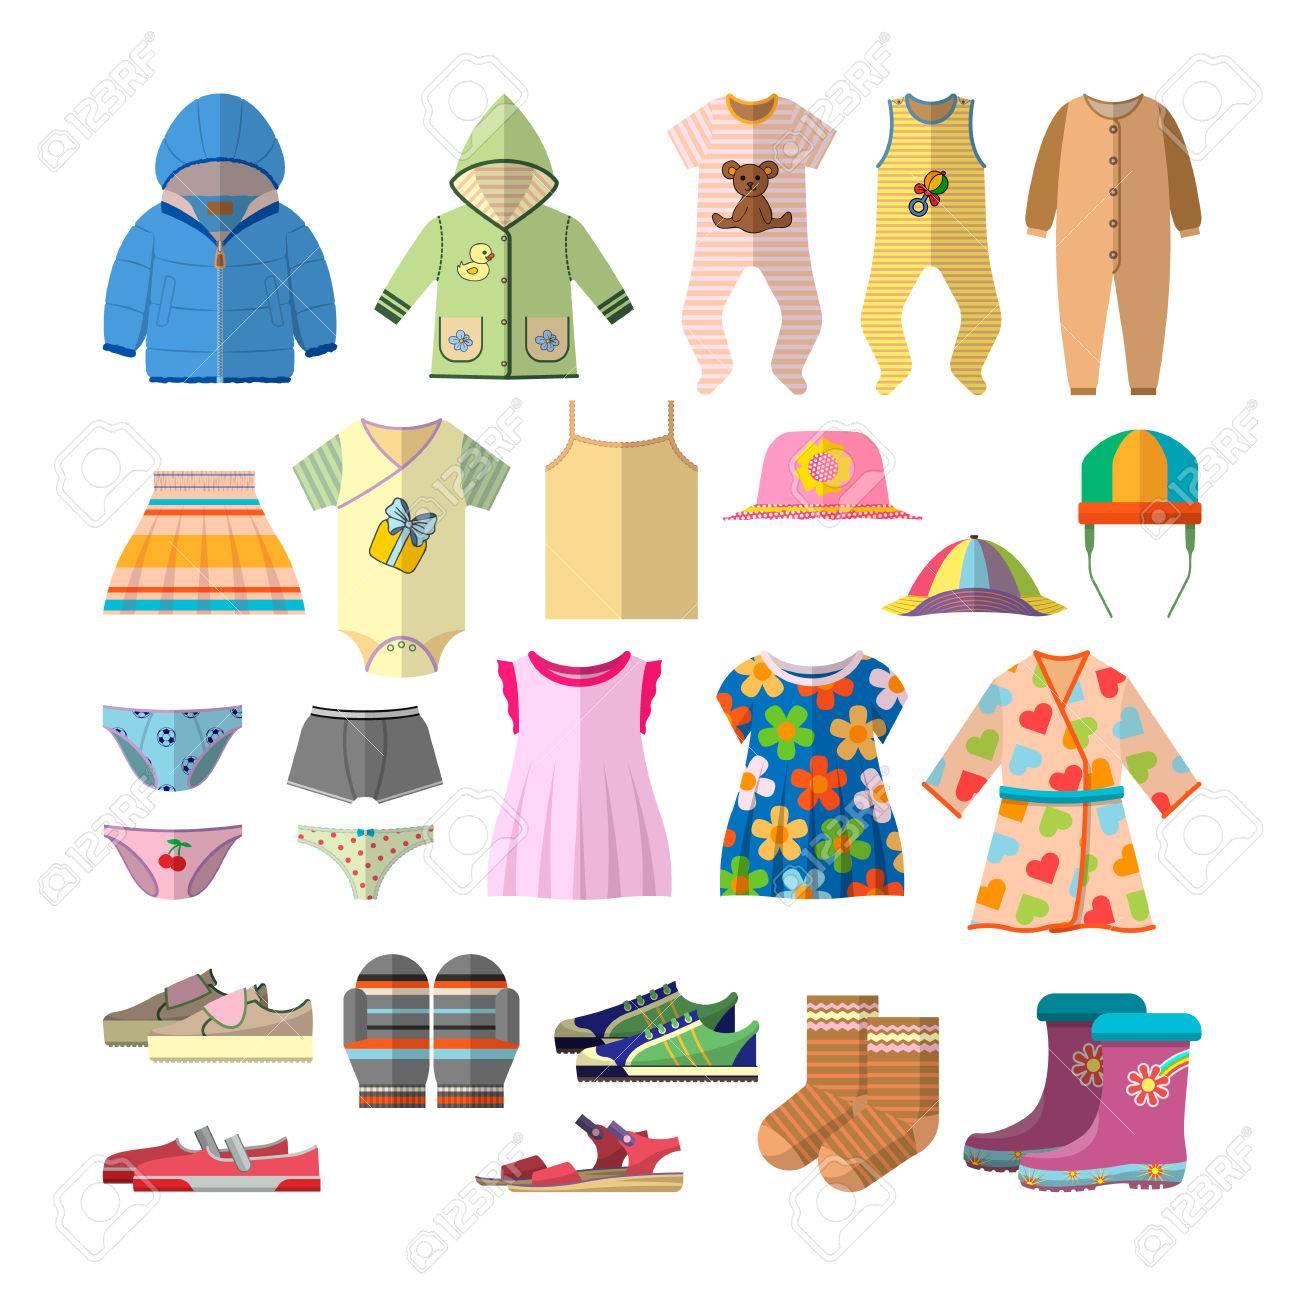 483d3ac48 Foto de archivo - Vector conjunto de ropa de bebé en estilo plano. Ropa  para niños colección de iconos y elementos de diseño.